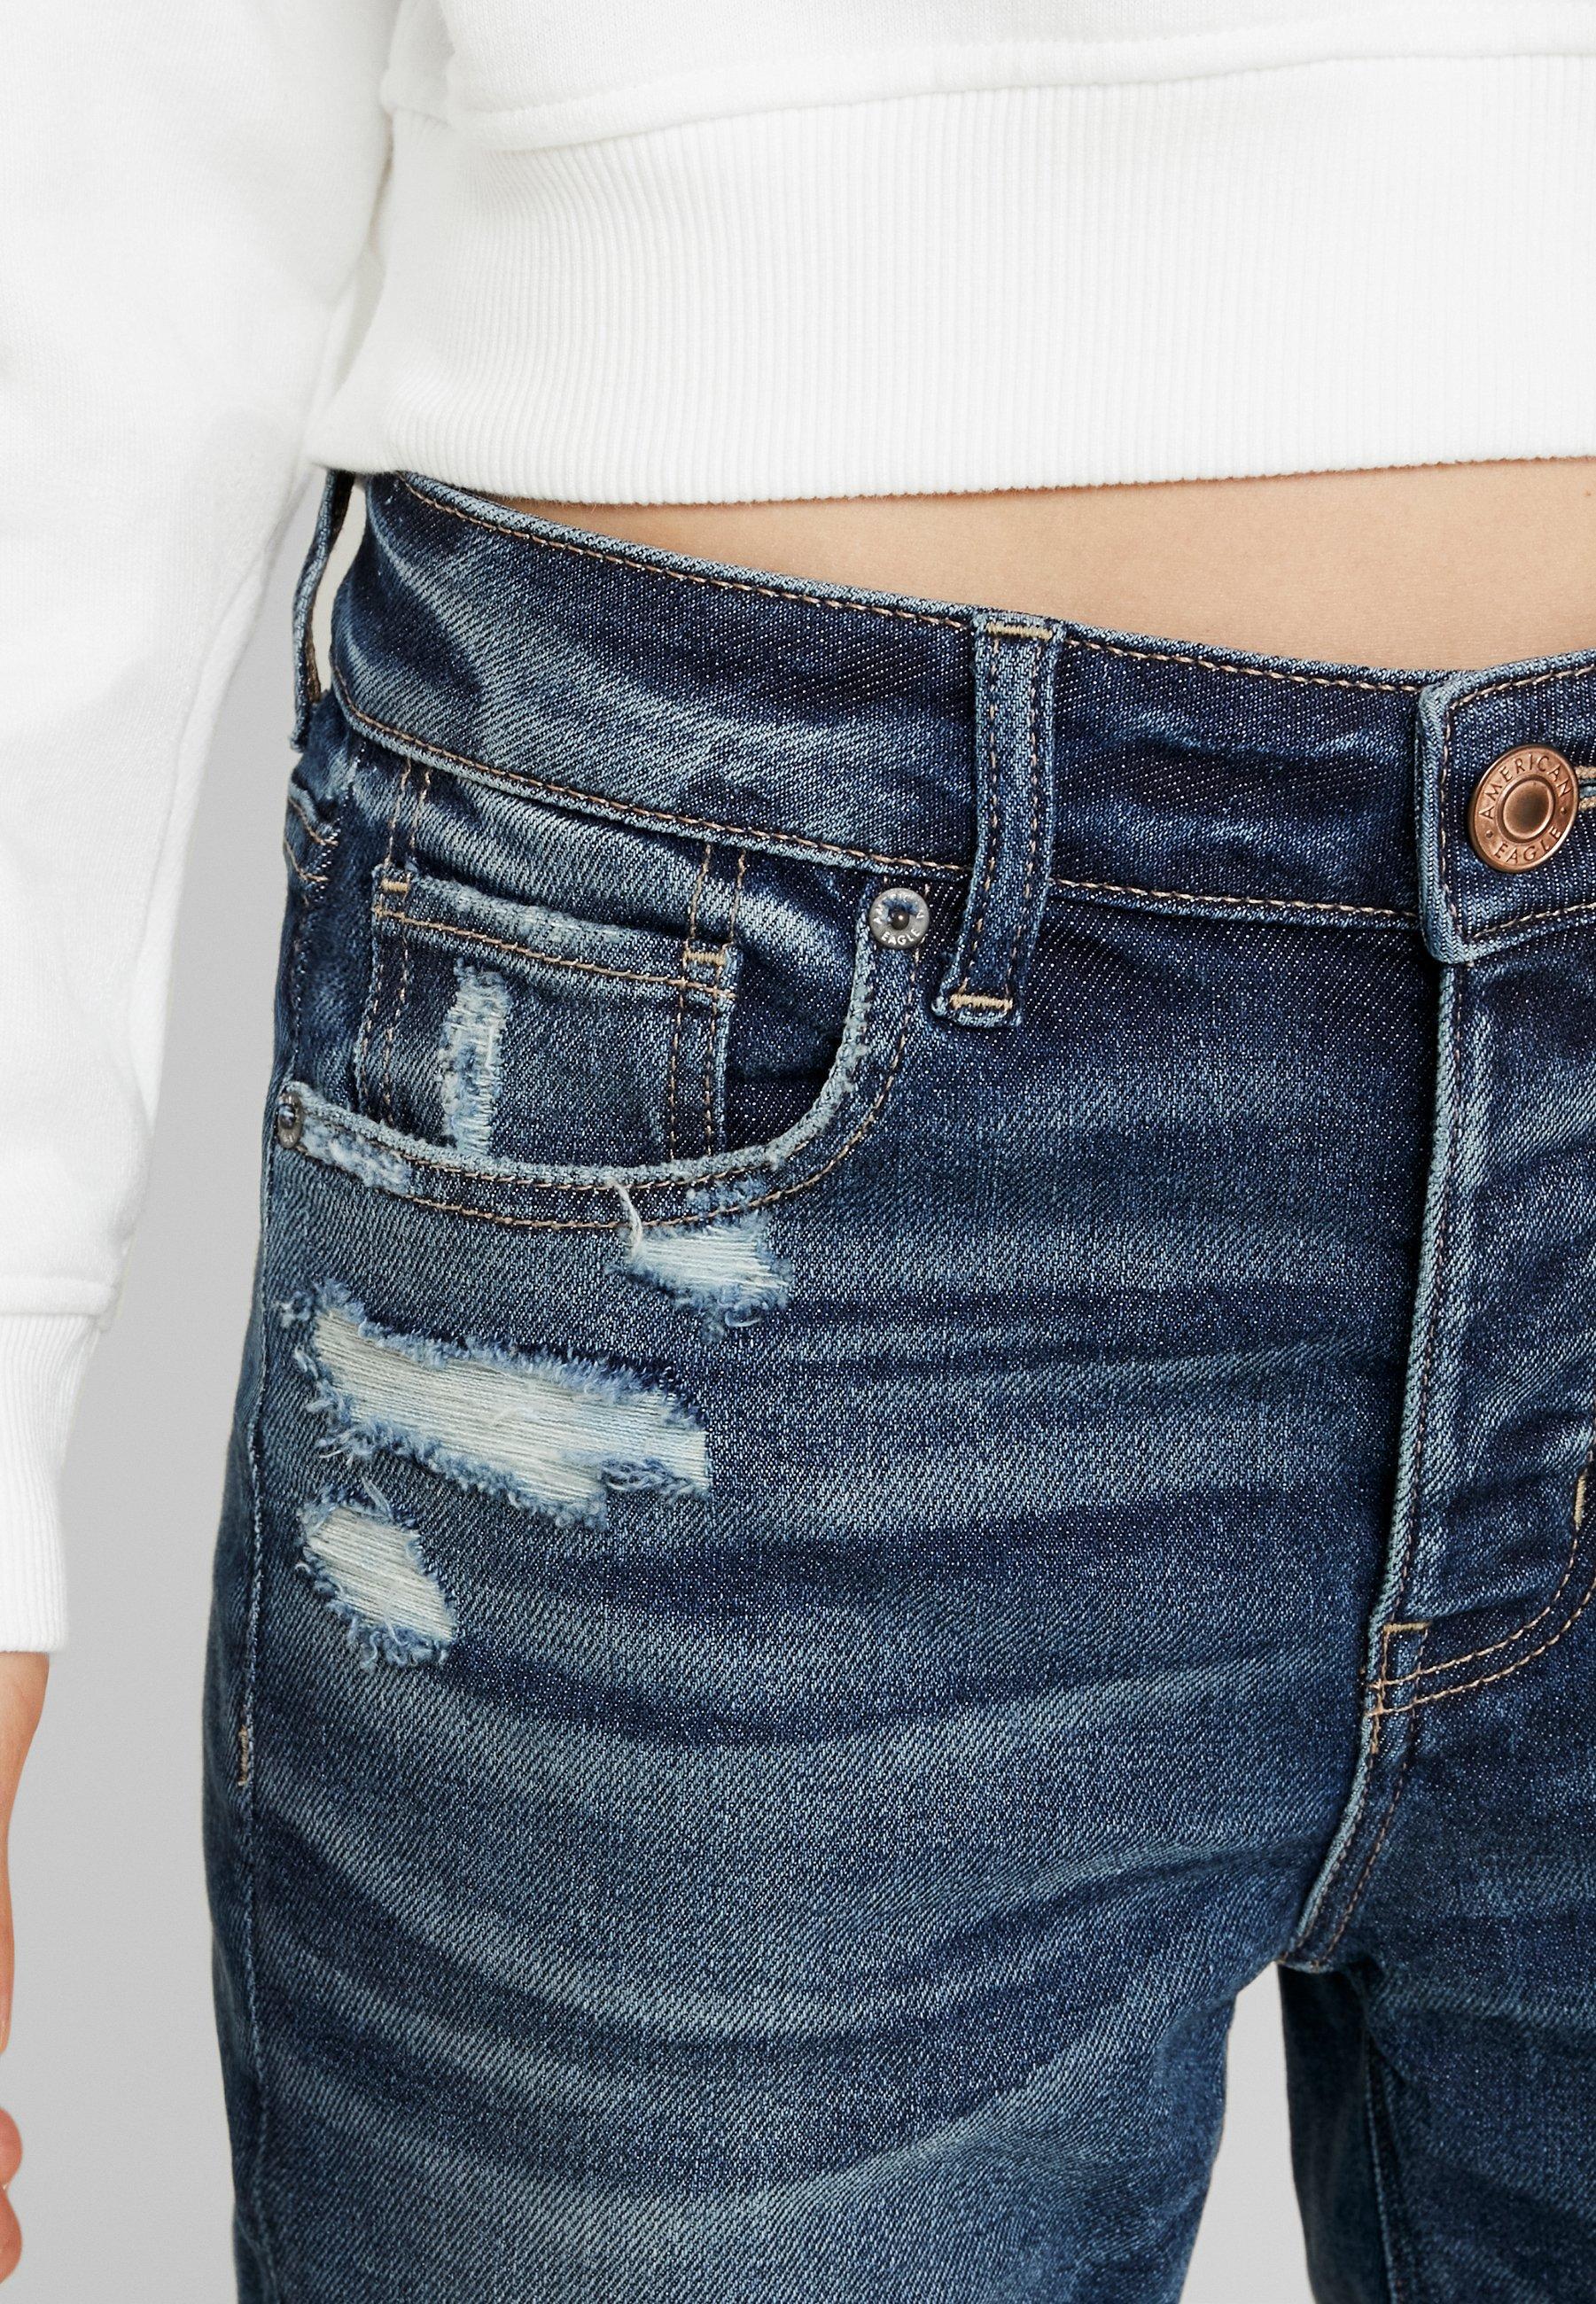 American Eagle MEDIUM DESTROY TOMGIRL - Jeans slim fit vintage star